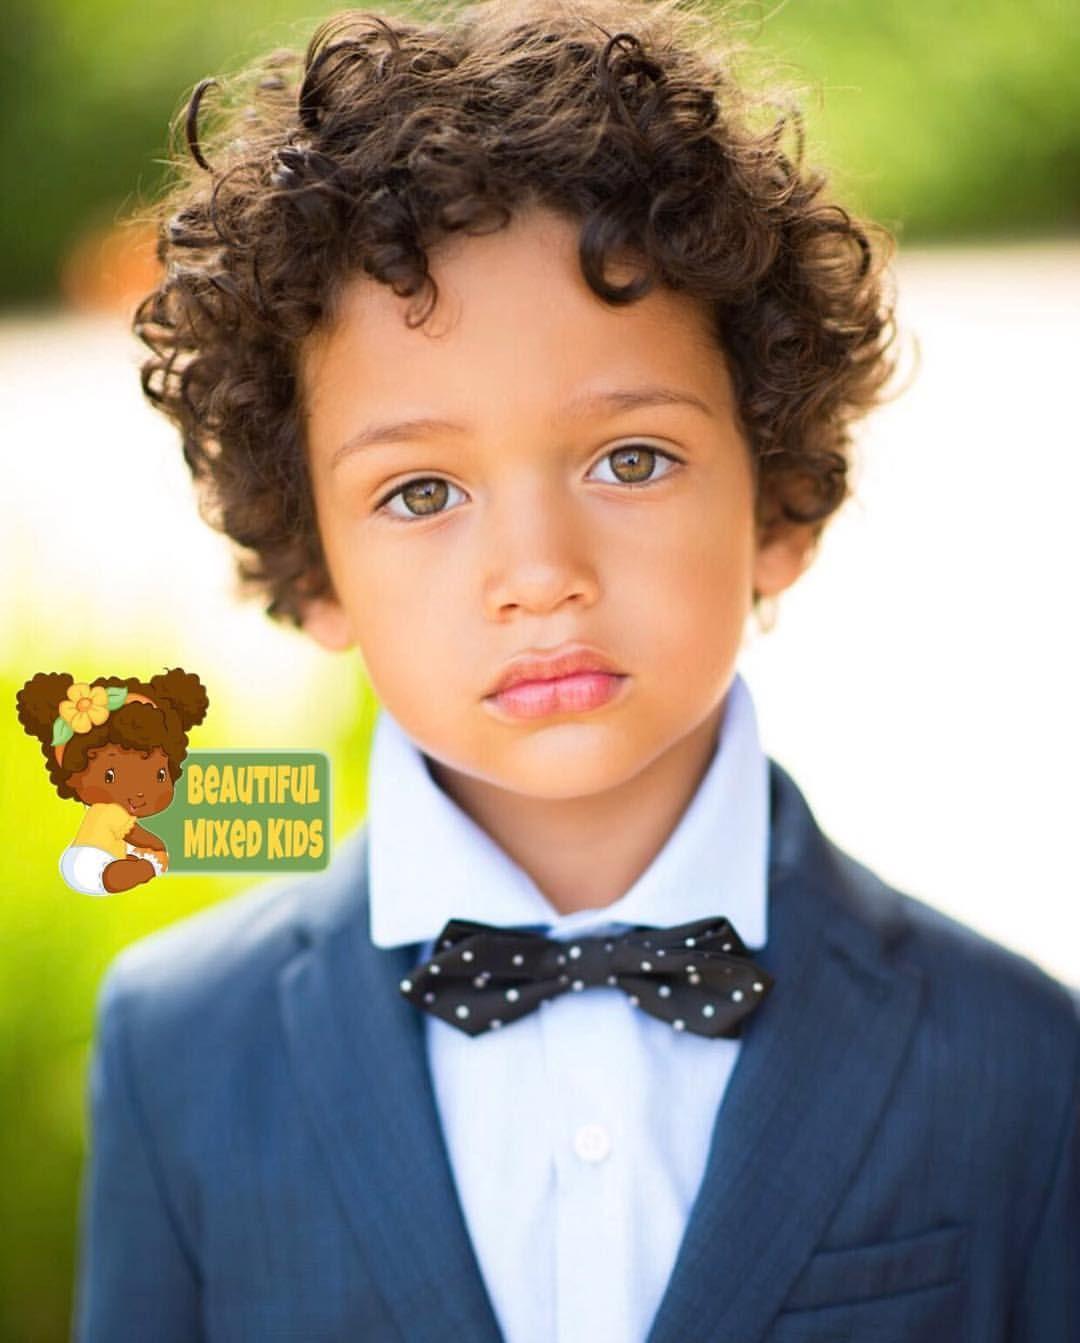 william - 4 years • da | curly cuts for my cutie | boys